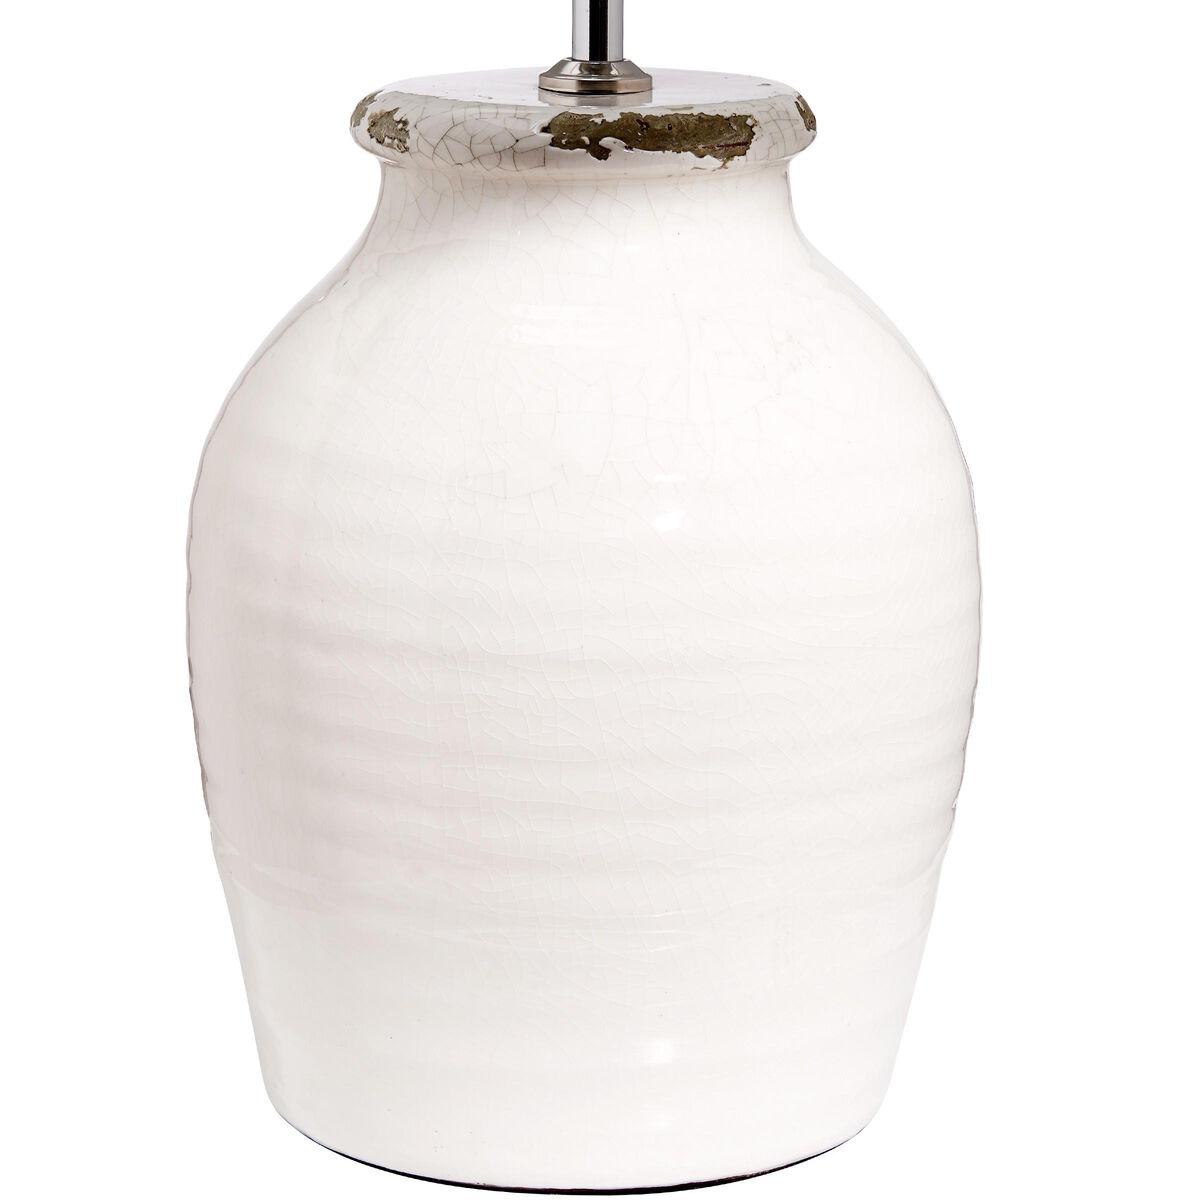 Potter tischleuchte keramik wei butlers - Keramik tischleuchte ...